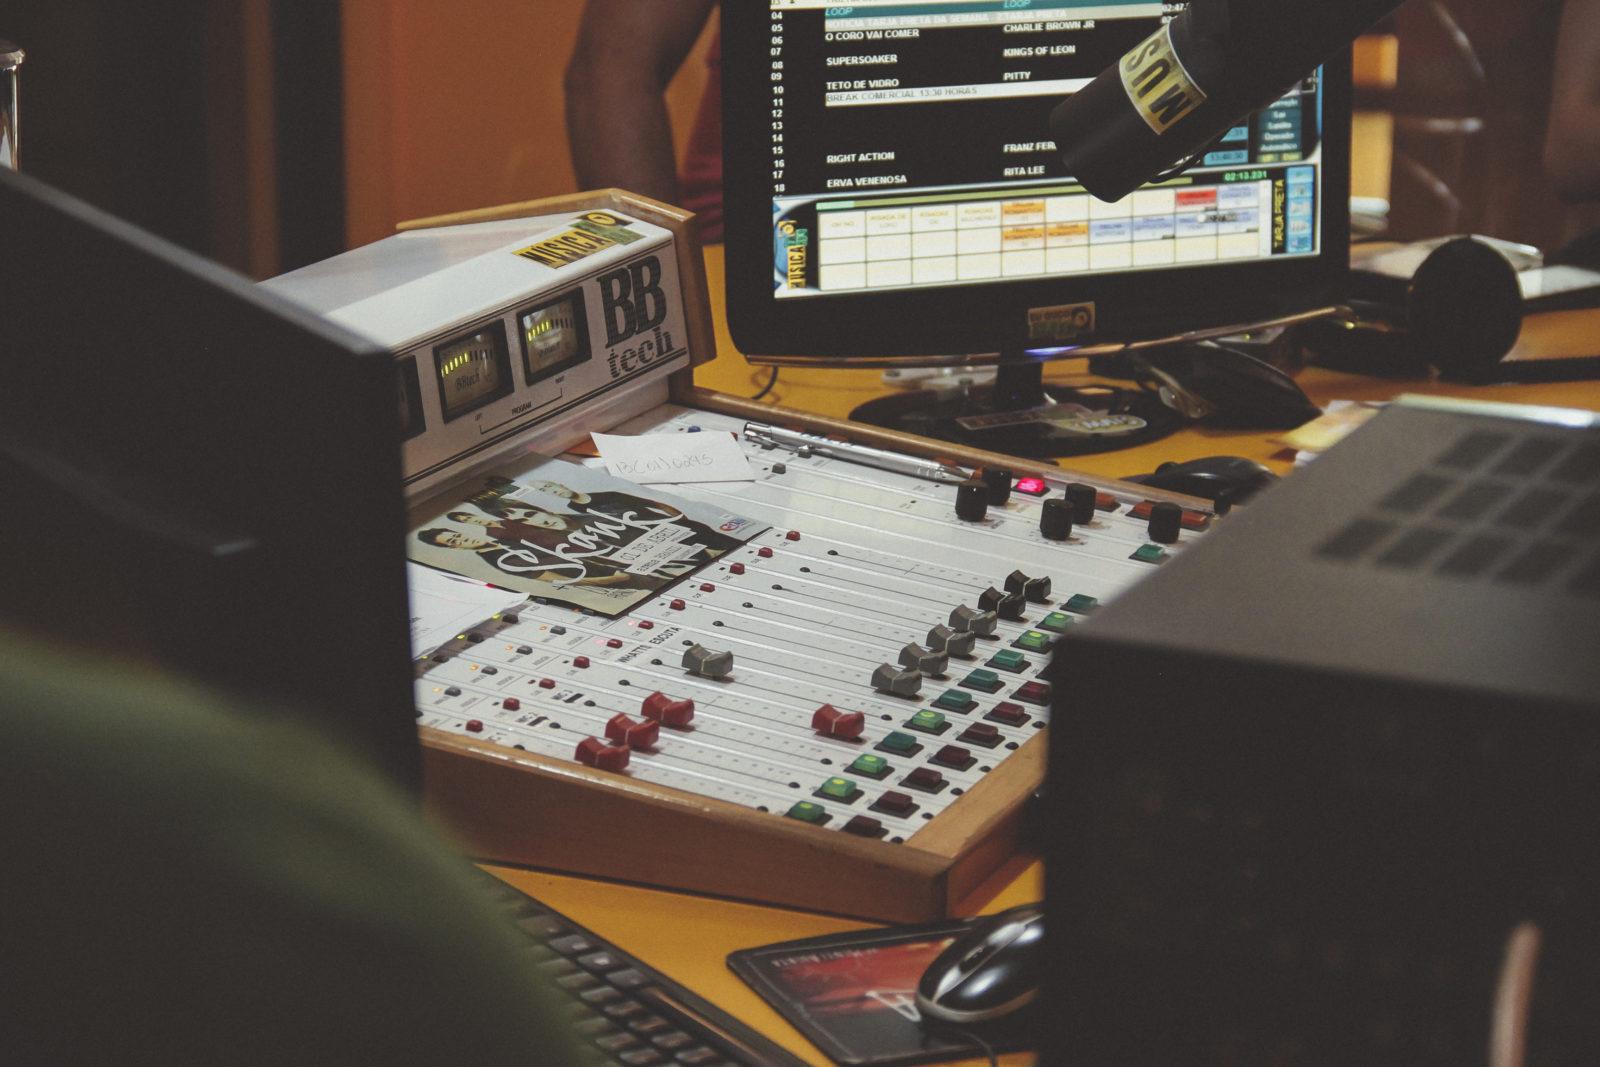 Musique à la radio en 2018 : une démonstration magistrale de l'efficacité des quotas de chanson française